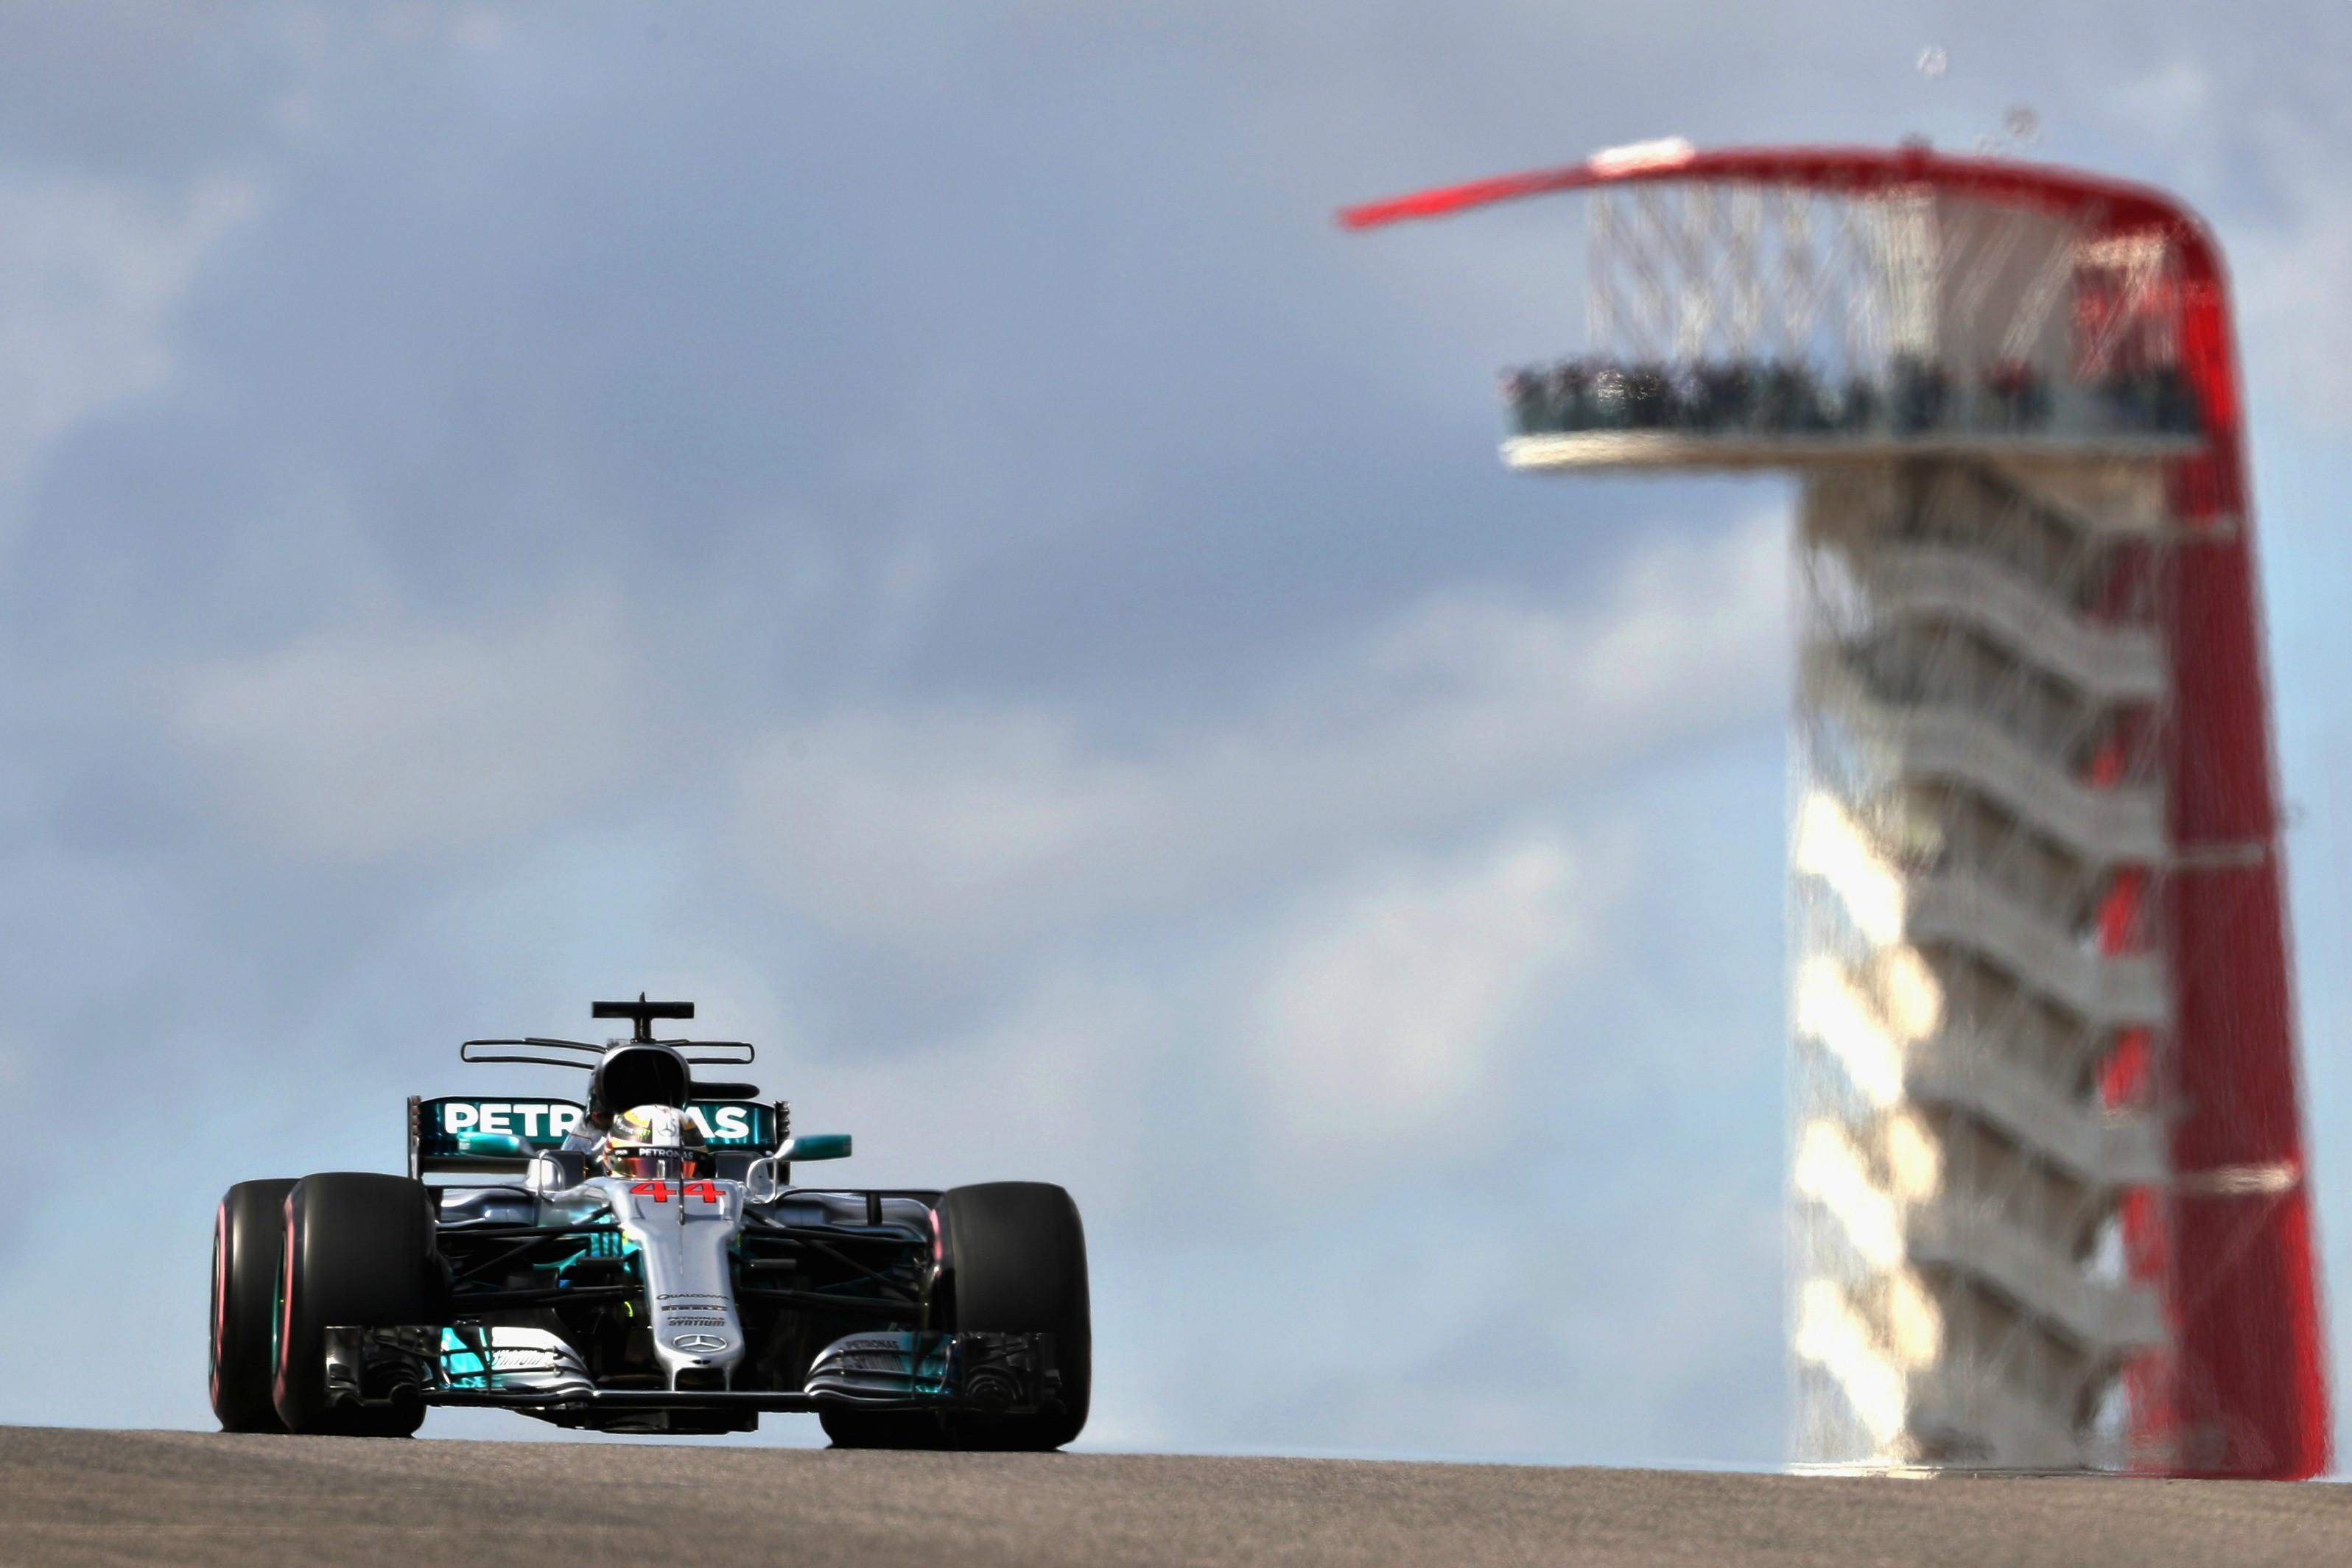 Lewis Hamilton (Mercedes) au Grand Prix des Etats-Unis d'Amérique 2017